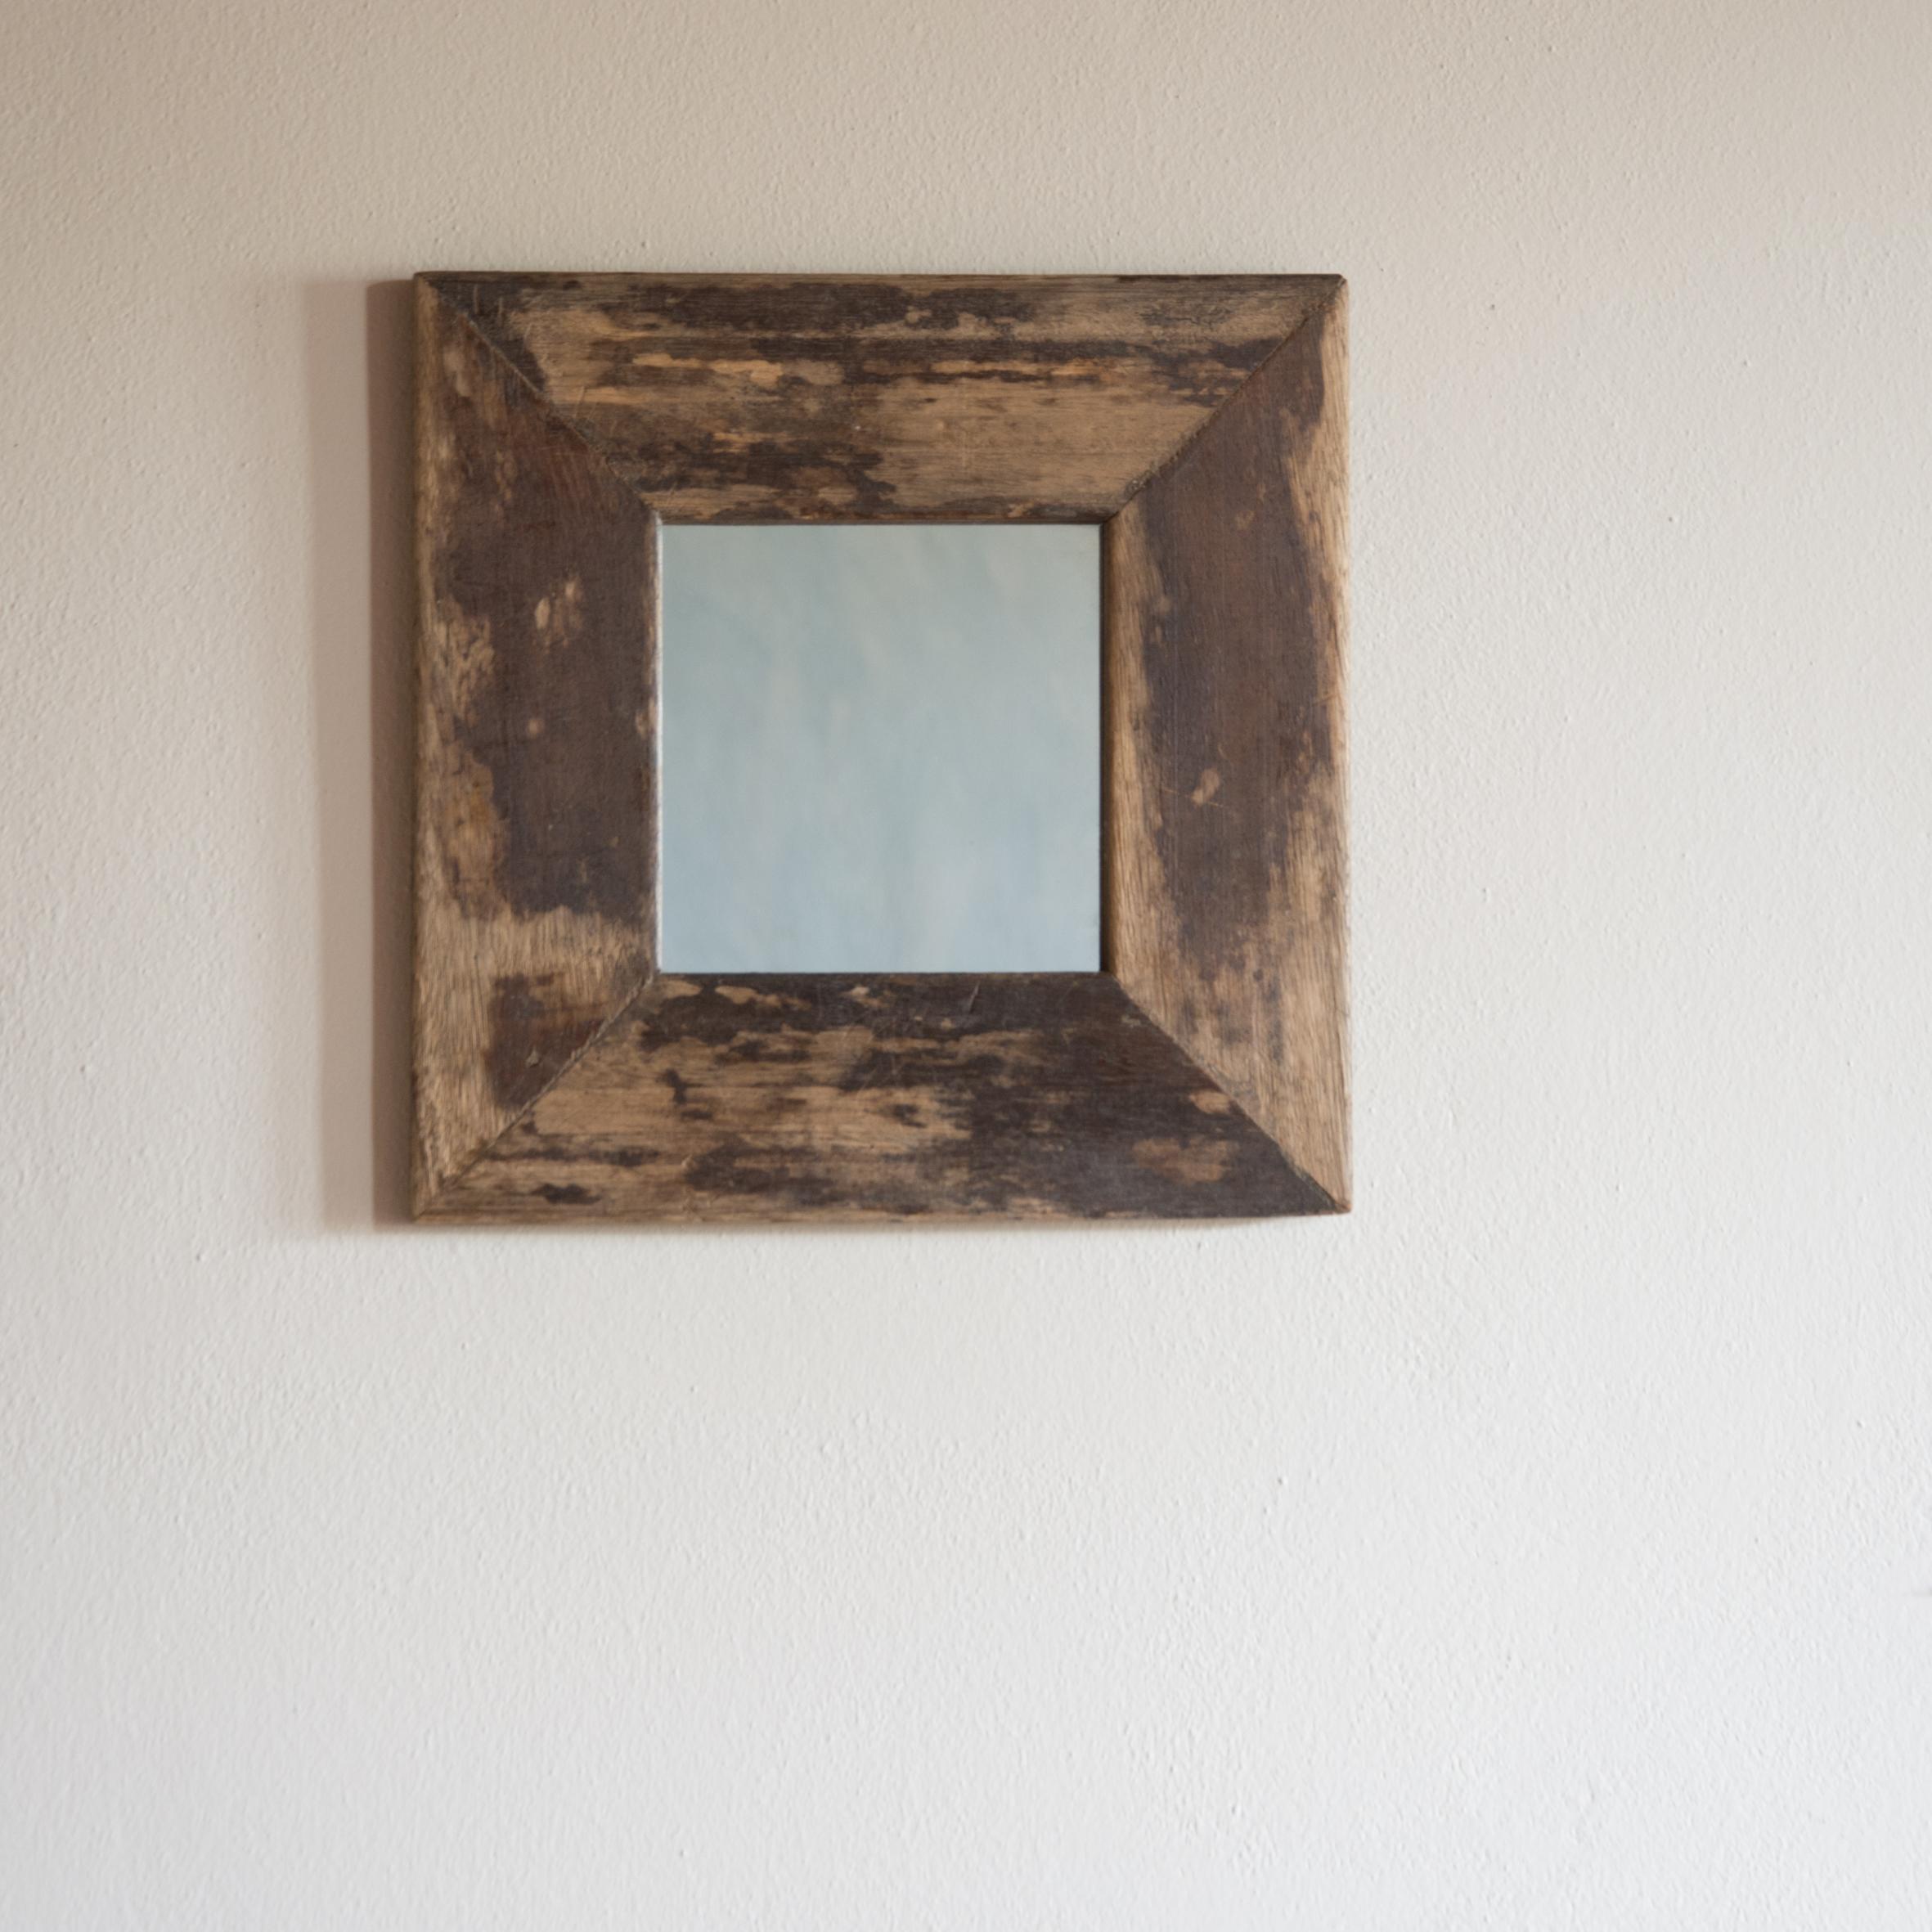 Specchio no.05 in legno di recupero (Teak) pulito e cerato